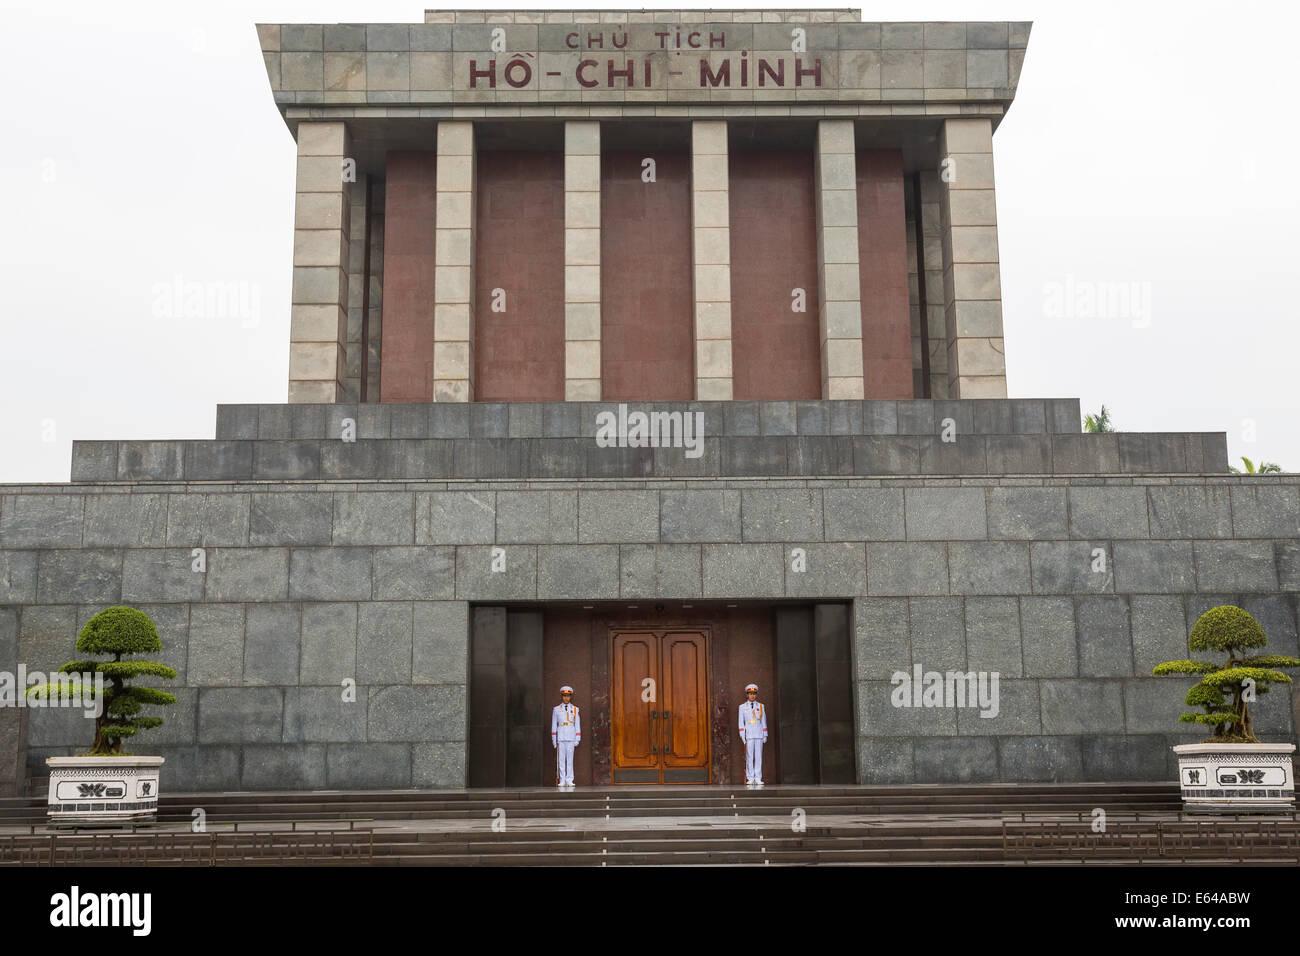 El Mausoleo de Ho Chi Minh y Hanoi, Vietnam, protectores Imagen De Stock